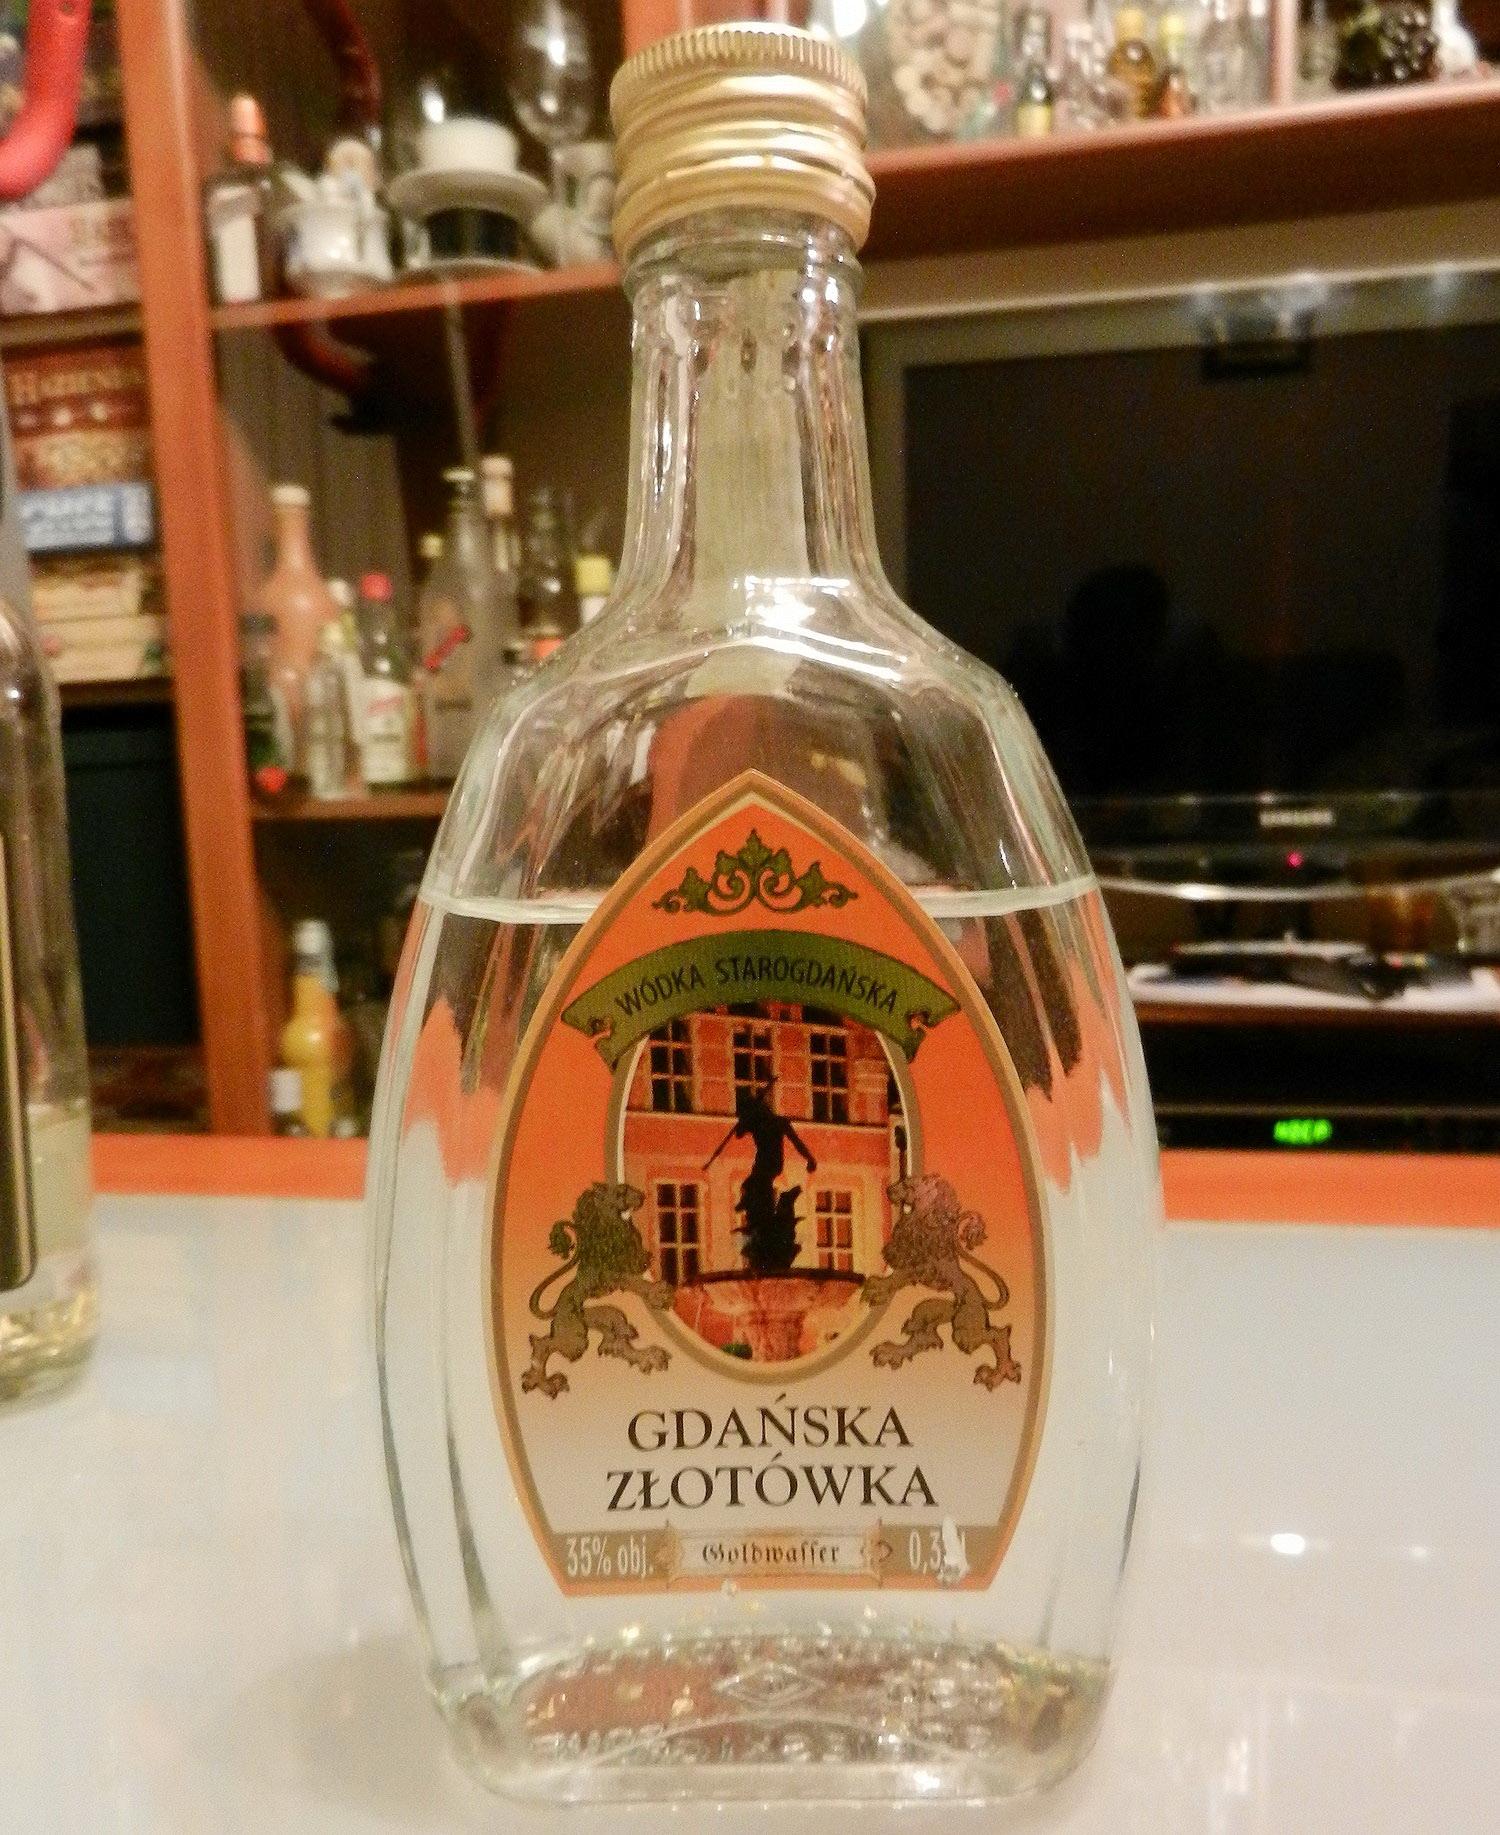 GdańskaZłotówka